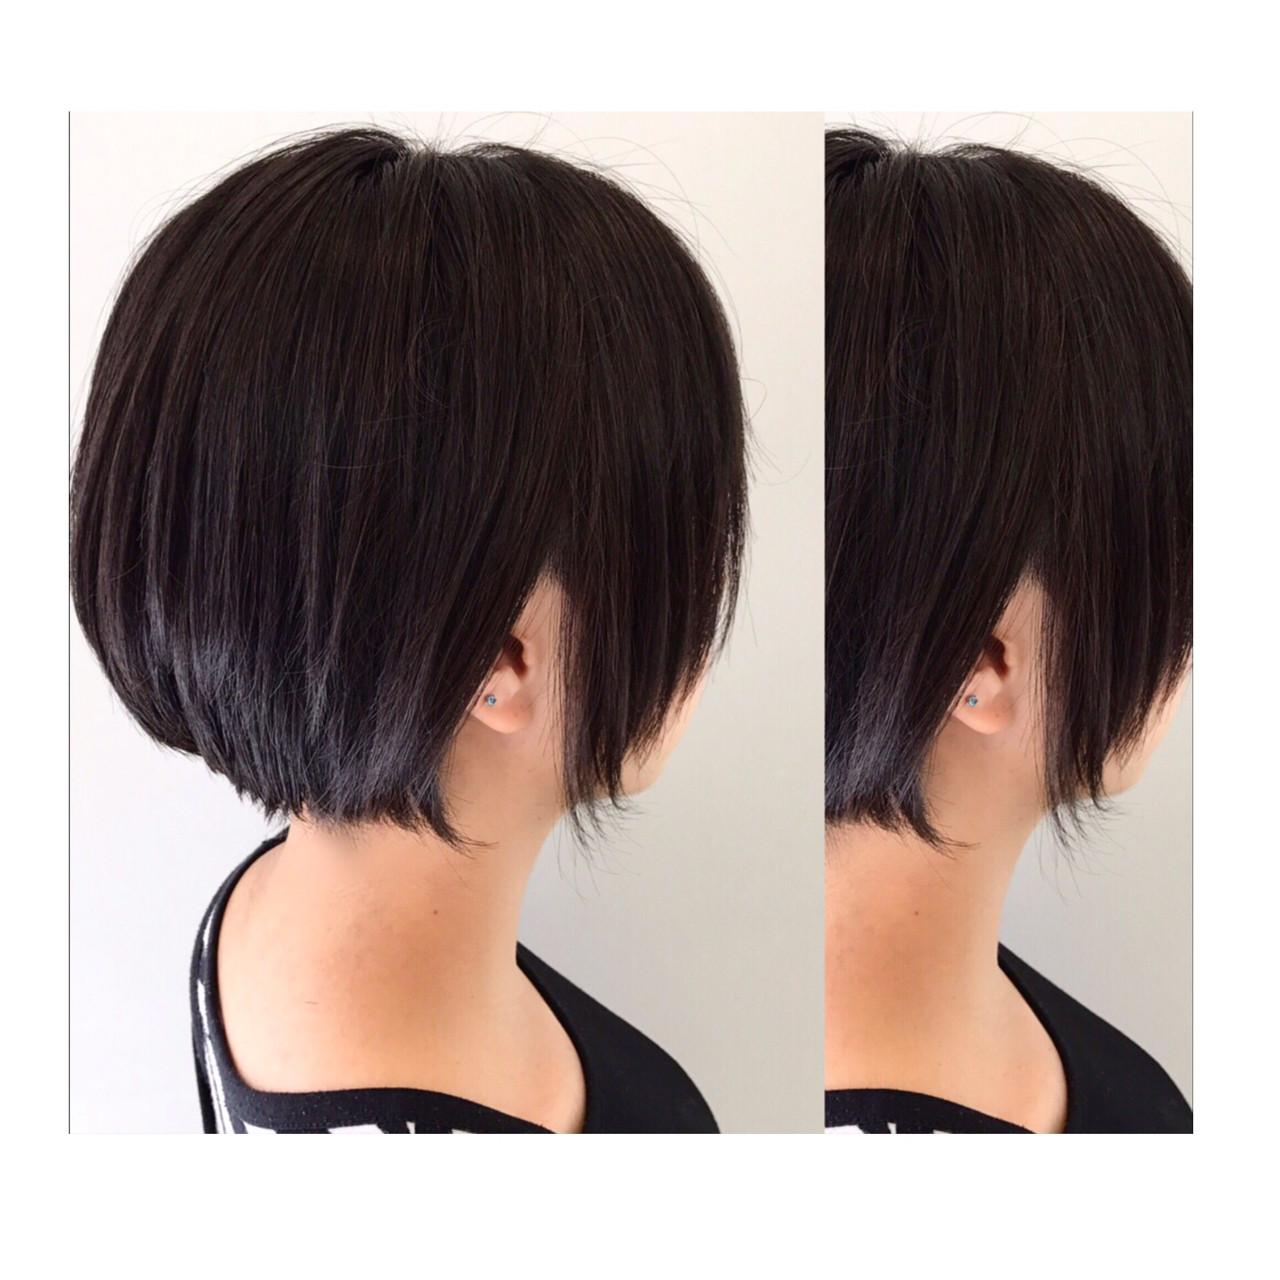 黒髪 大人女子 ショートボブ ボブヘアスタイルや髪型の写真・画像